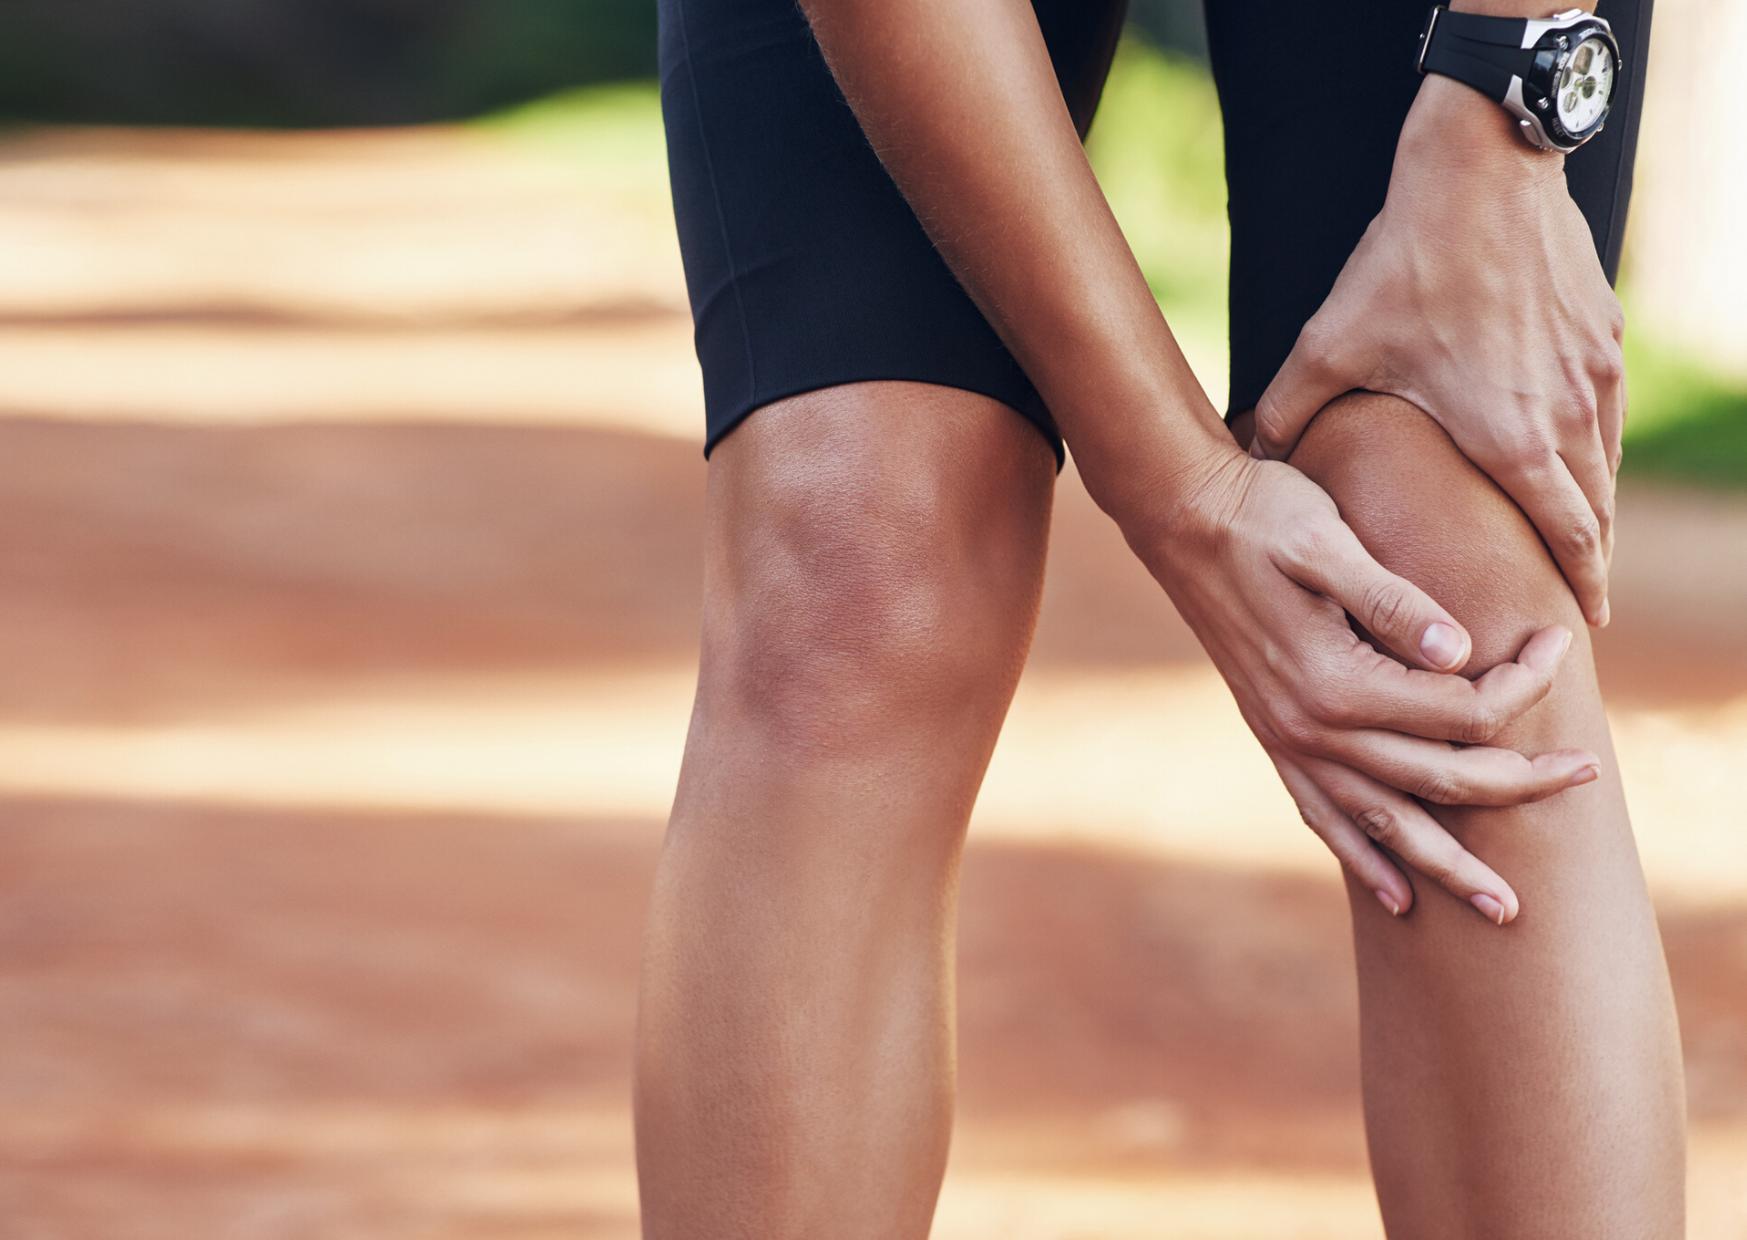 futni, amikor az ízületek fájnak